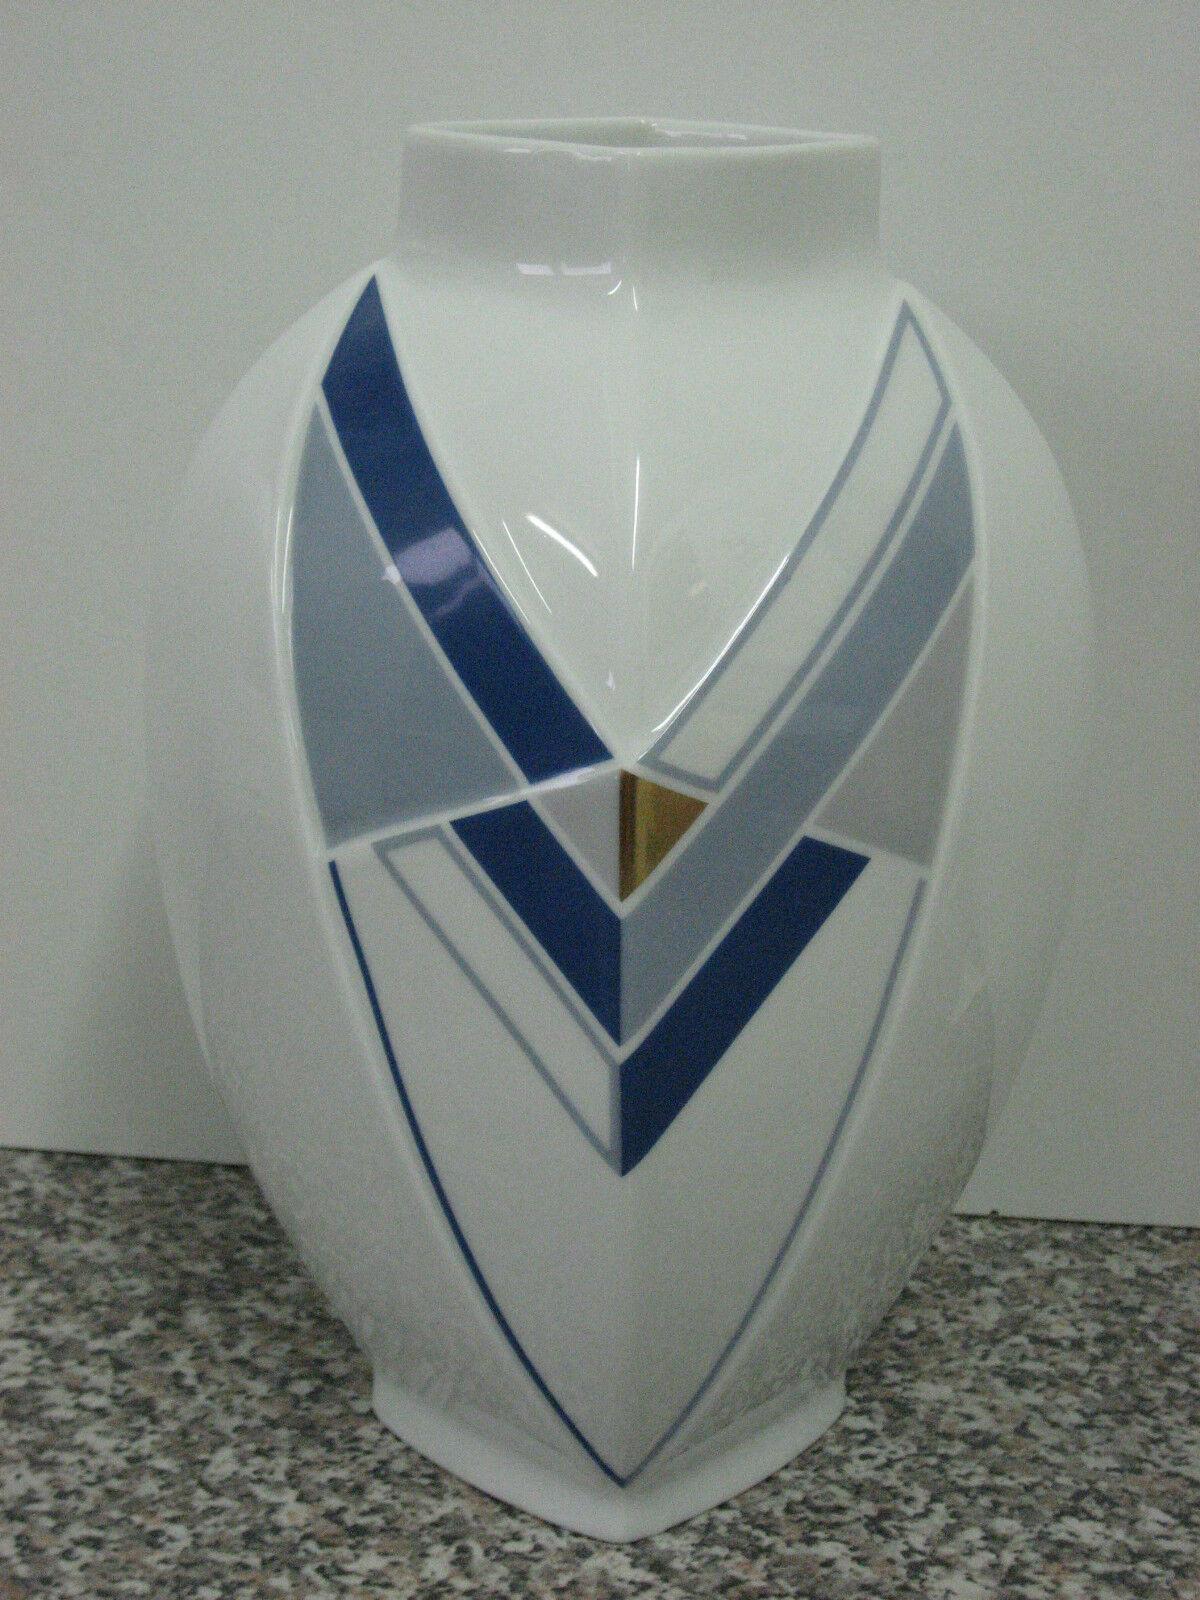 Thomas Porzellan -  Vase - Graphic - weiß - blau - Höhe ca. 26cm TOP   | Glücklicher Startpunkt